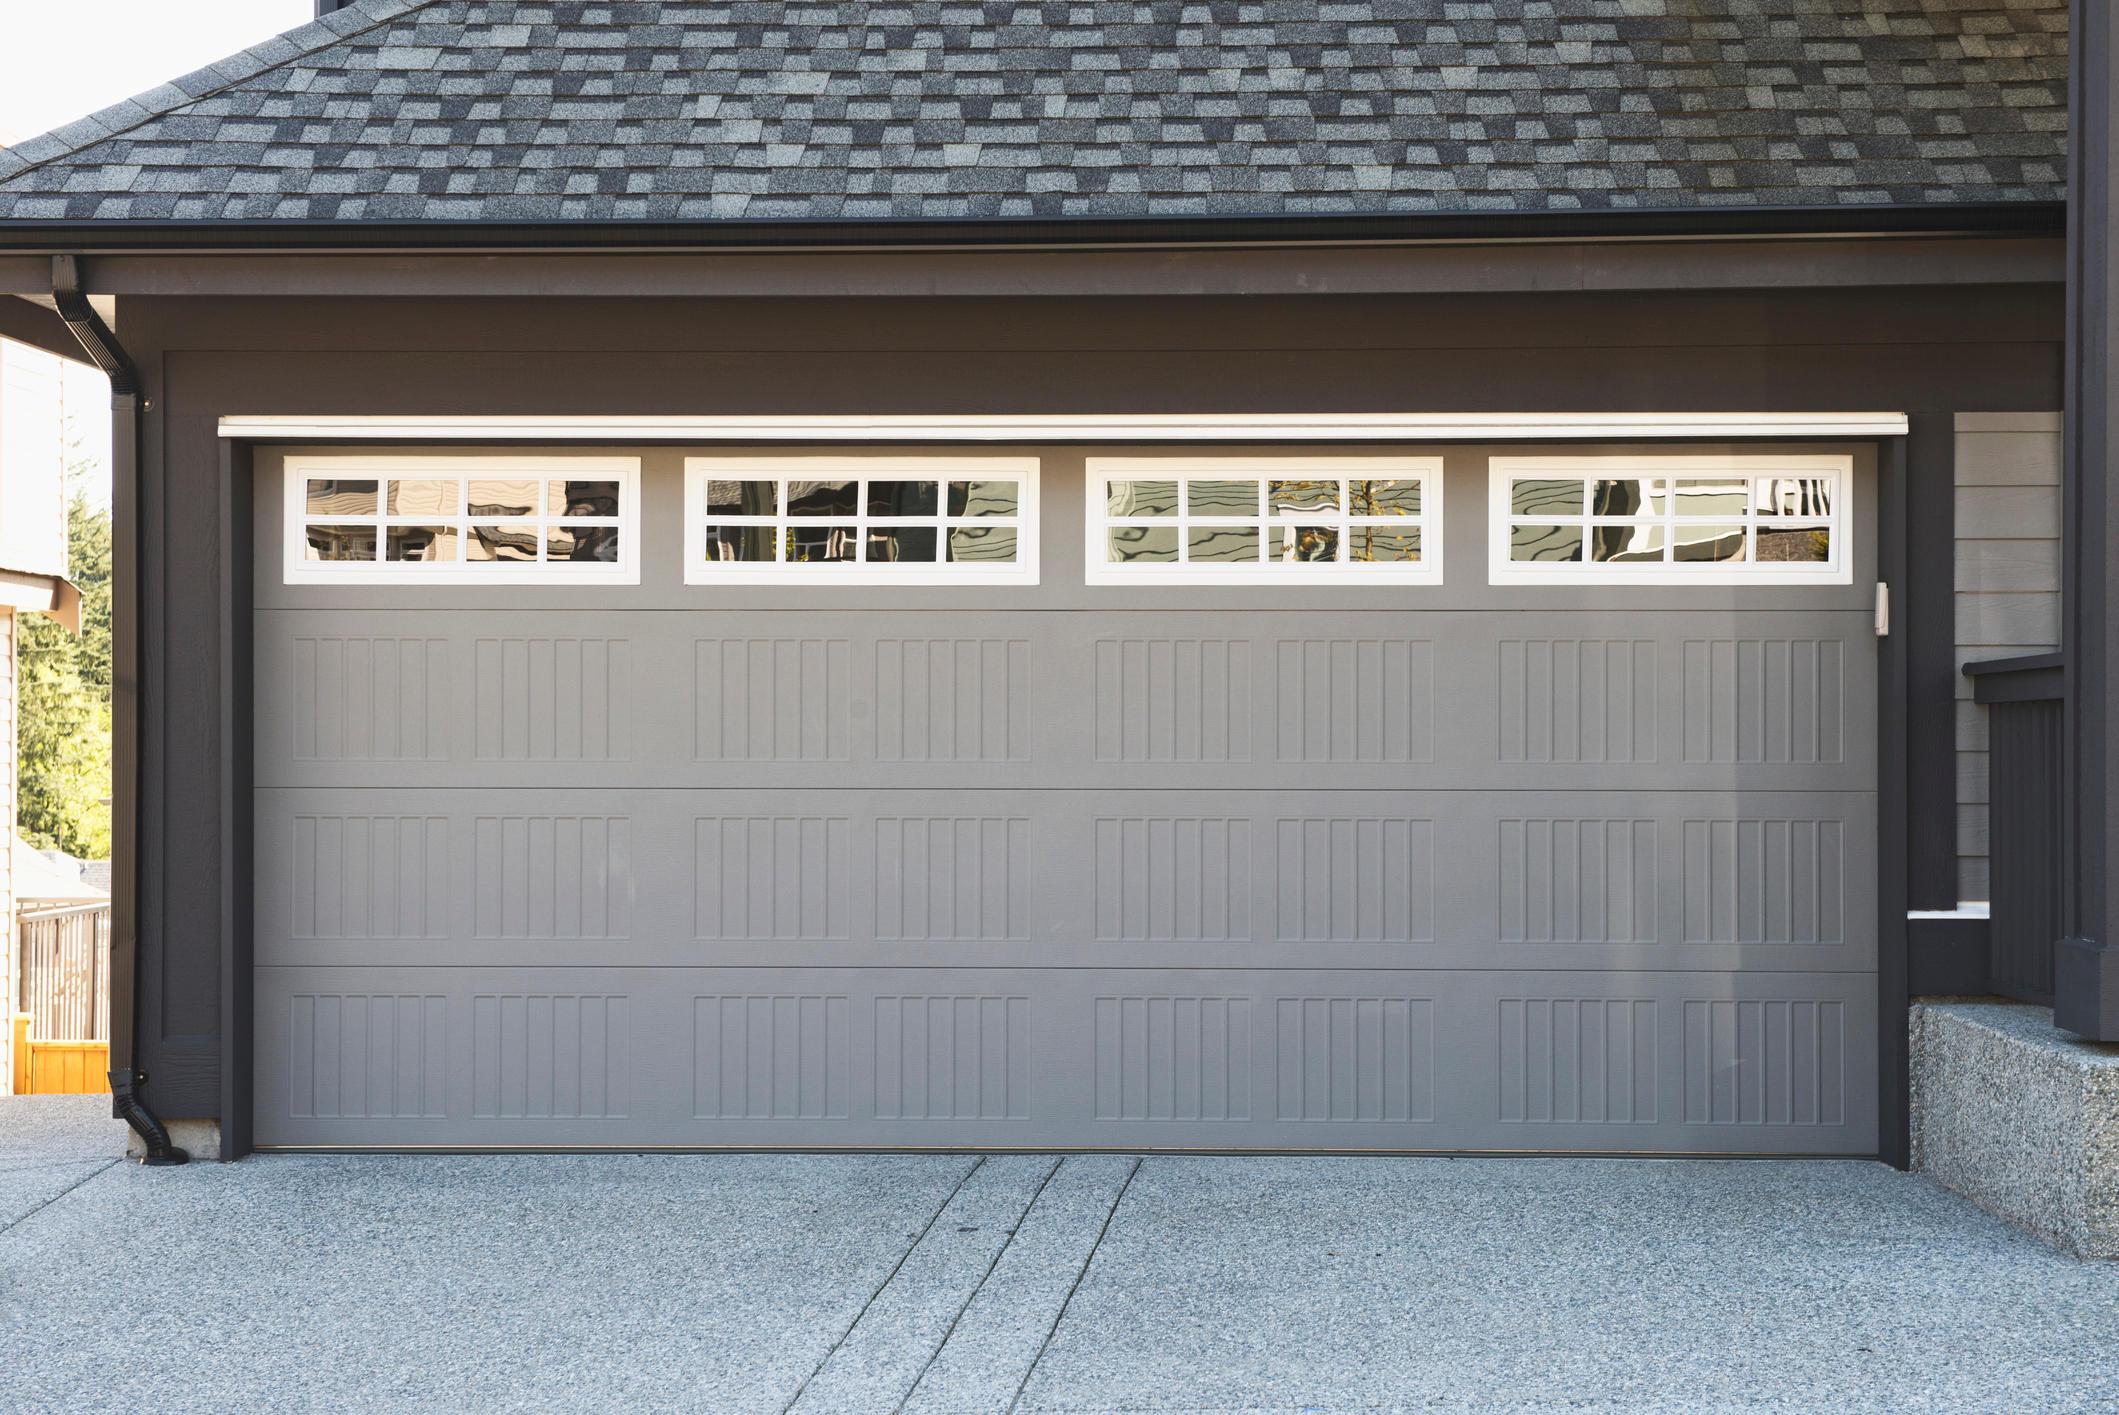 Universal Garage Door Services in Lehi UT 84043  ChamberofCommercecom